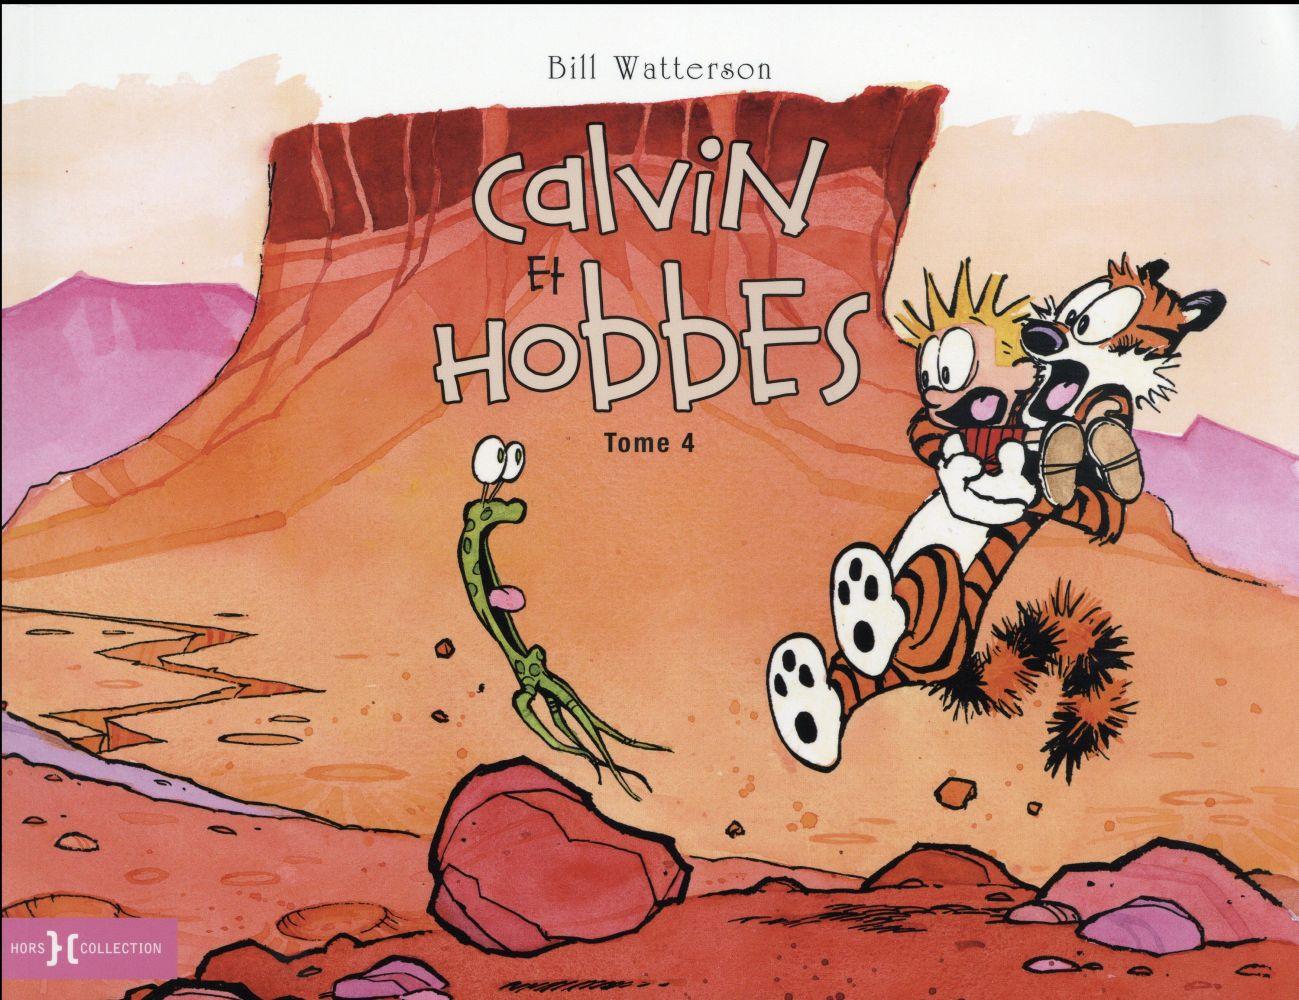 CALVIN ET HOBBES - ORIGINAL T.4 Watterson Bill Hors collection